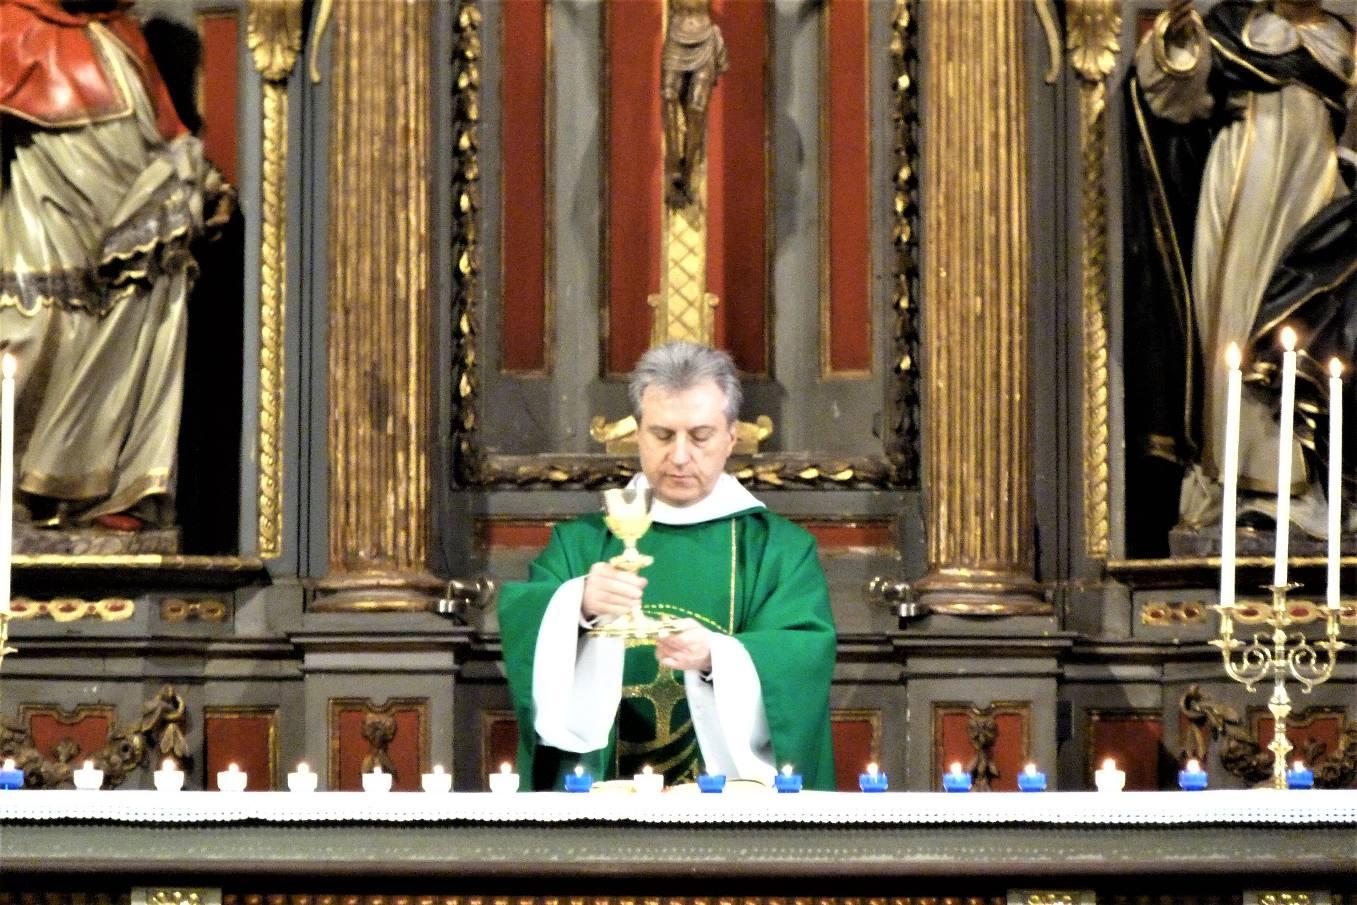 Temps de l'Eucharistie - l'offrande du vin qui deviendra le sang du Seigneur